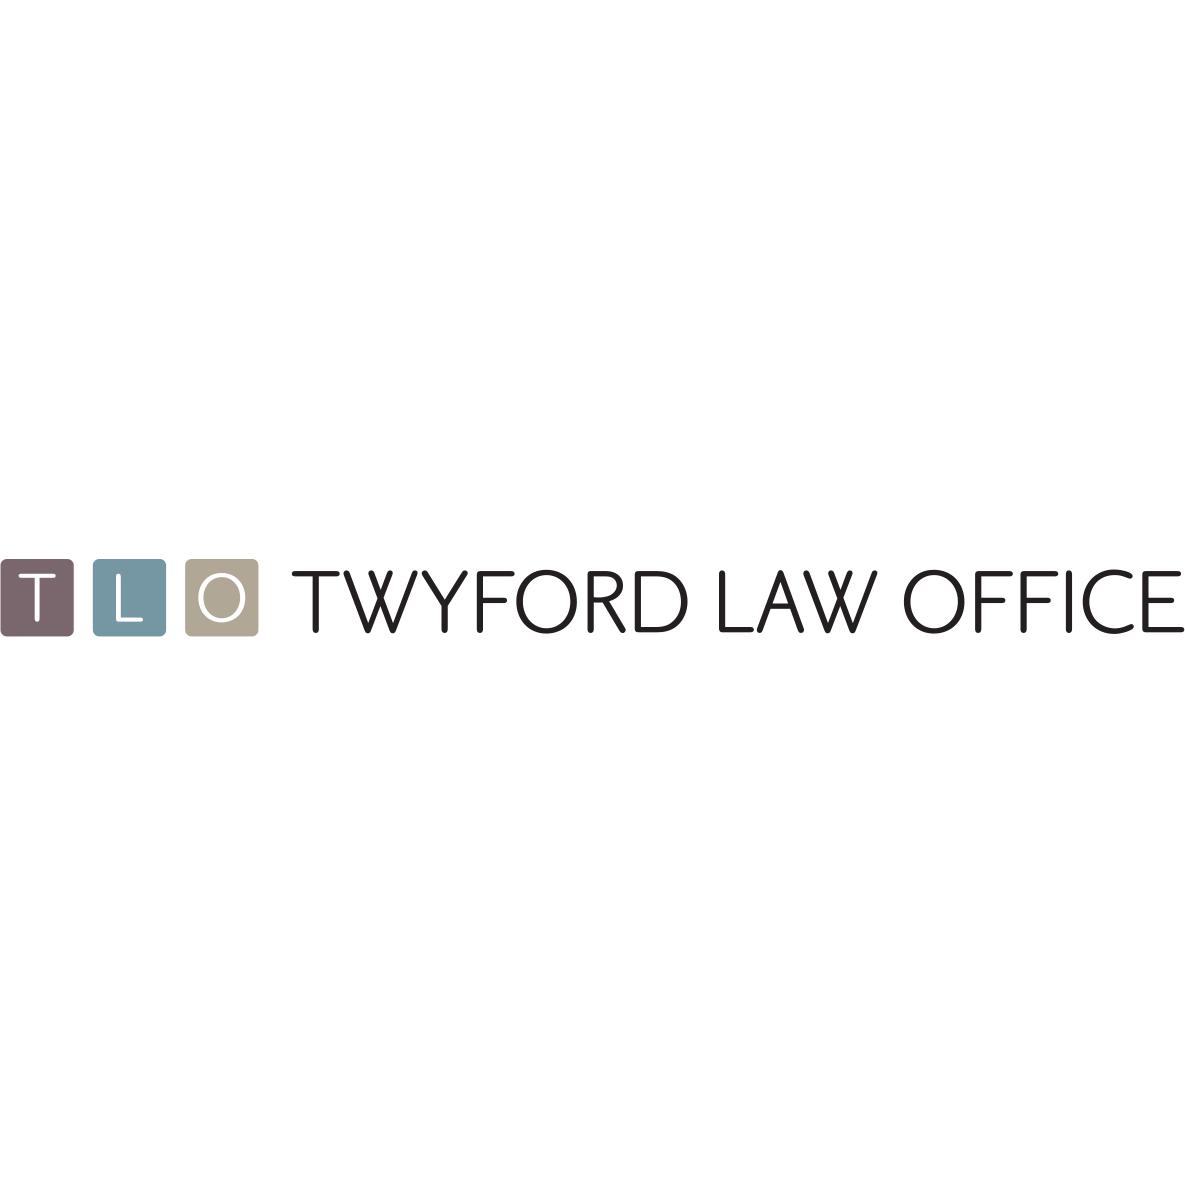 Twyford Law Office